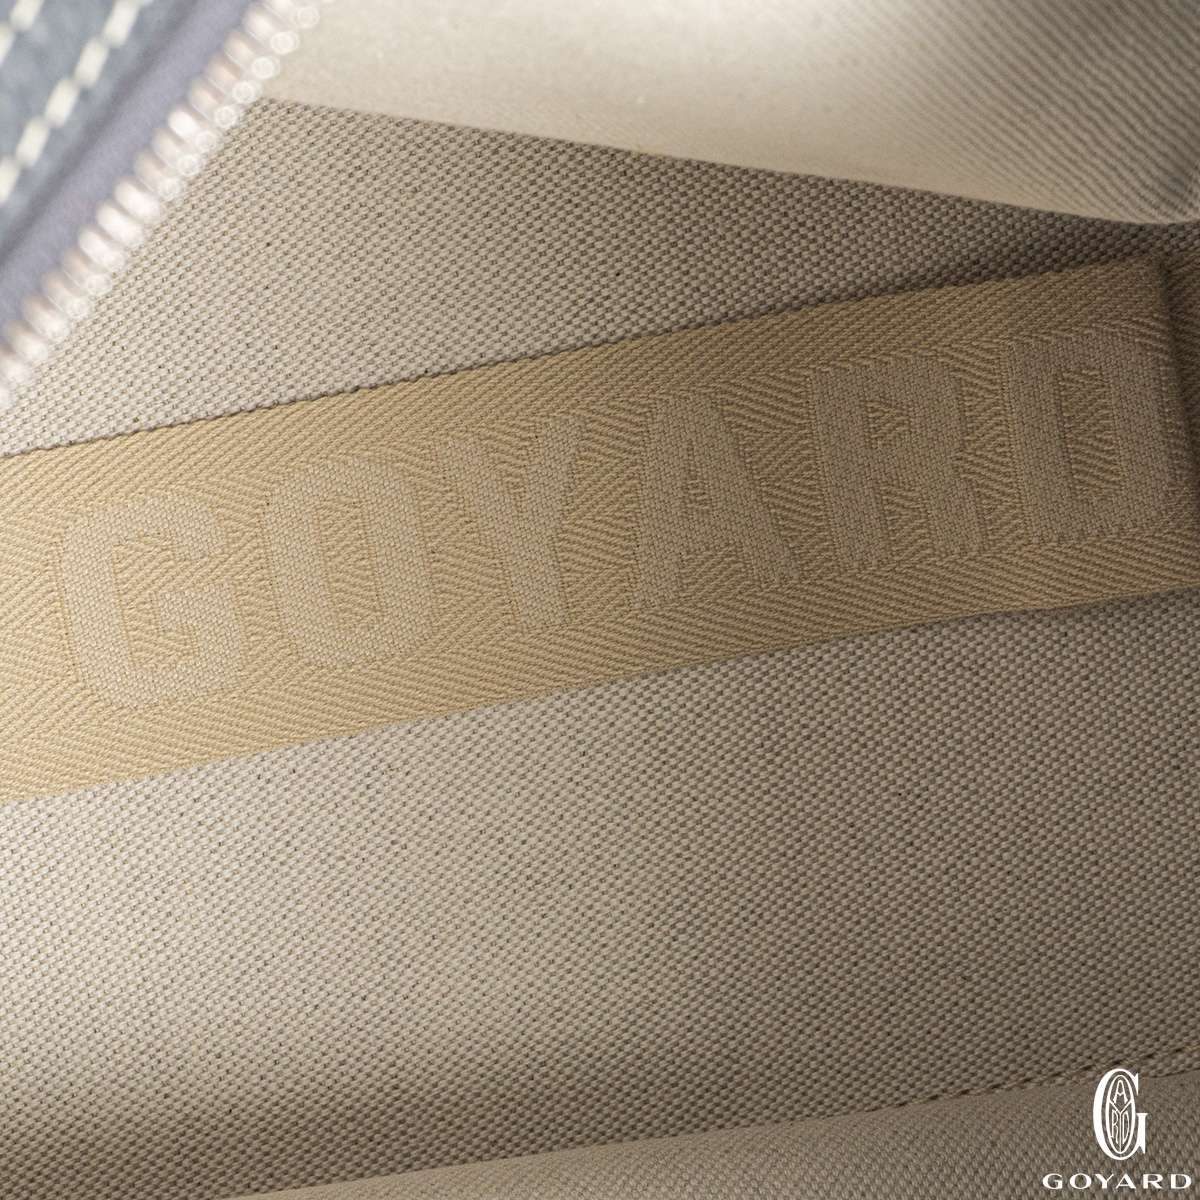 Goyard Grey Goyardine Canvas Sac Hardy PM Tote Bag